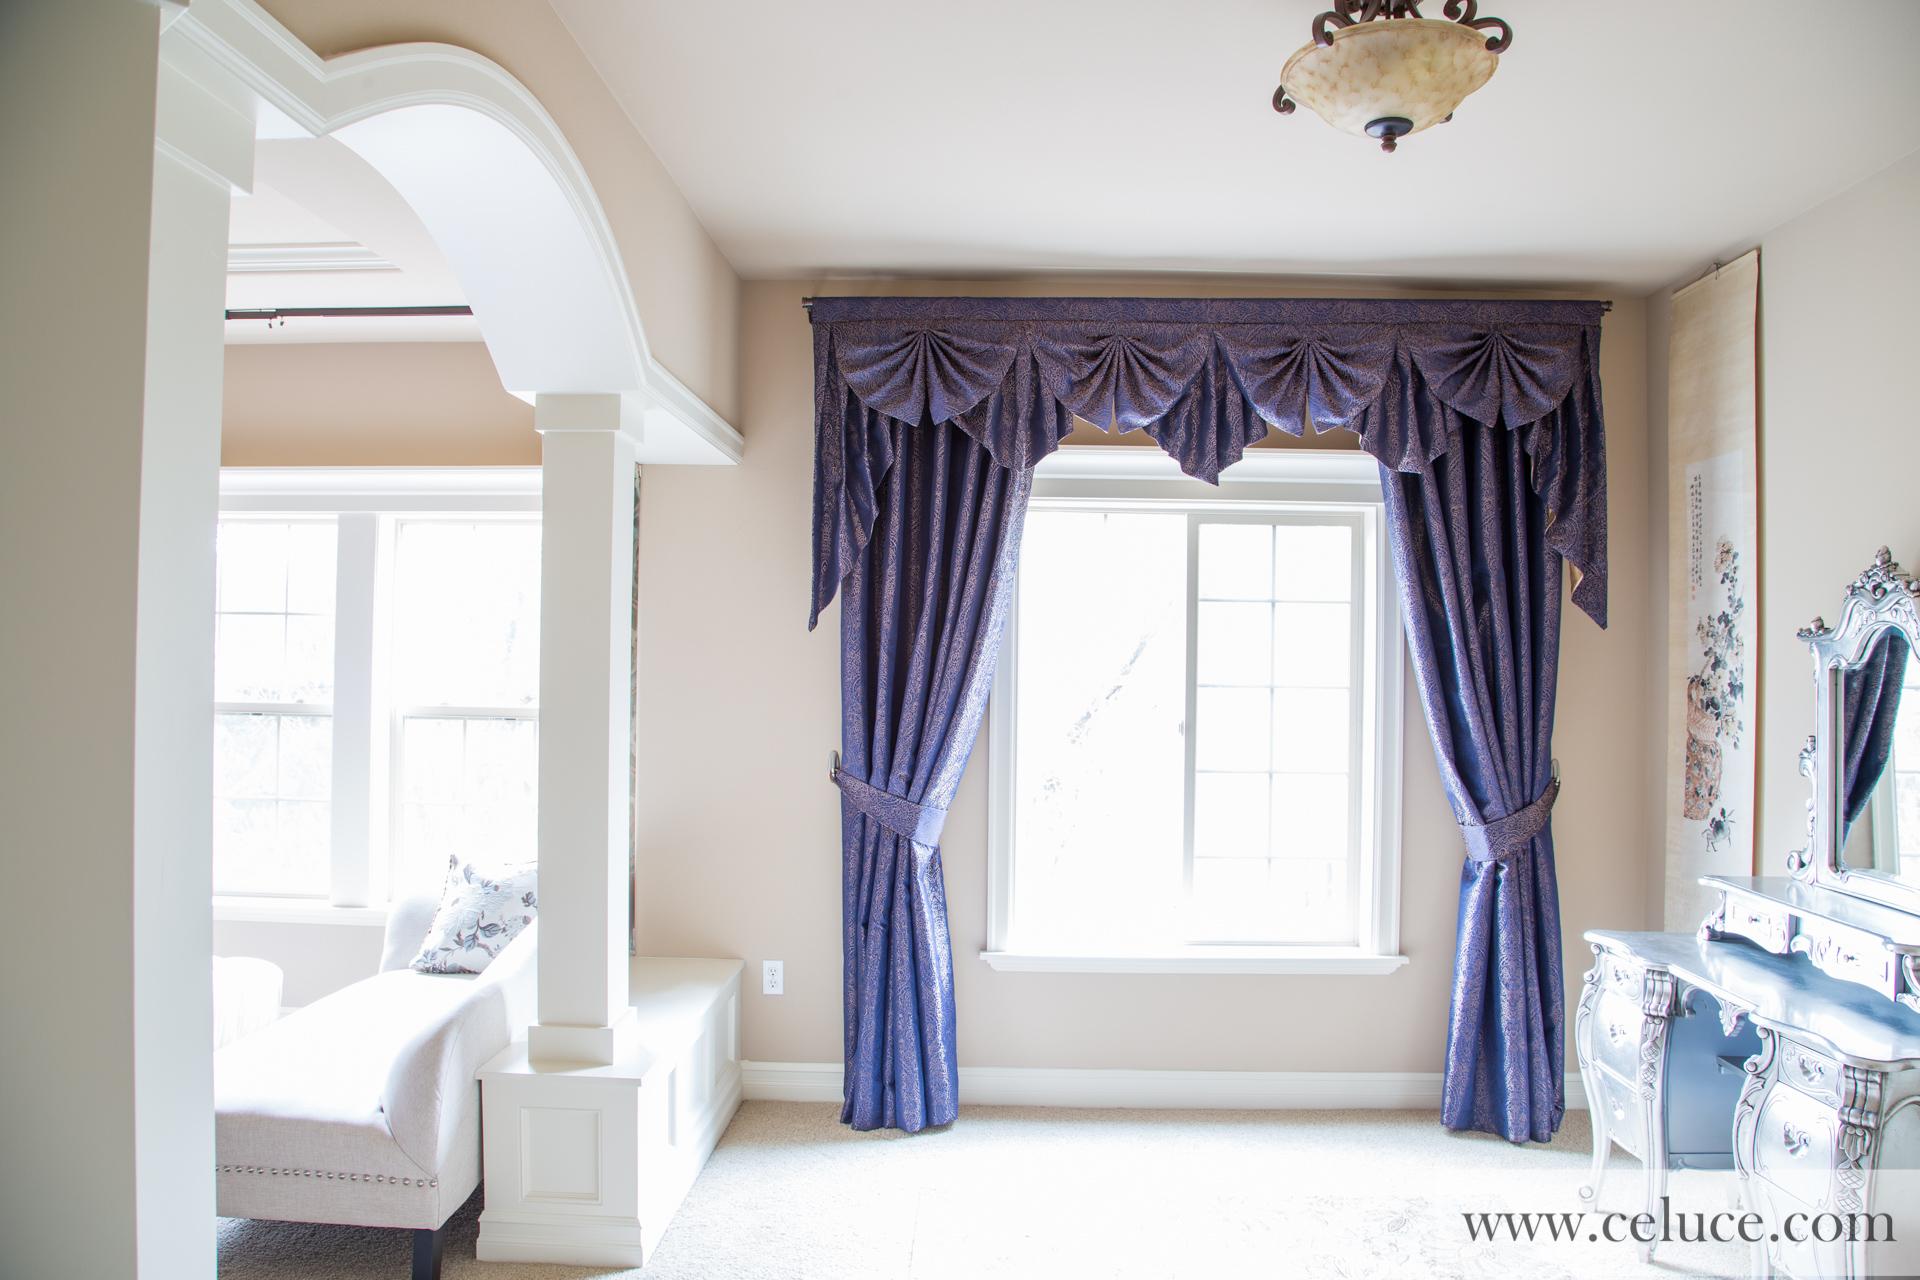 Renaissance arabesque paris salon cascade valances curtain for Salon medieval